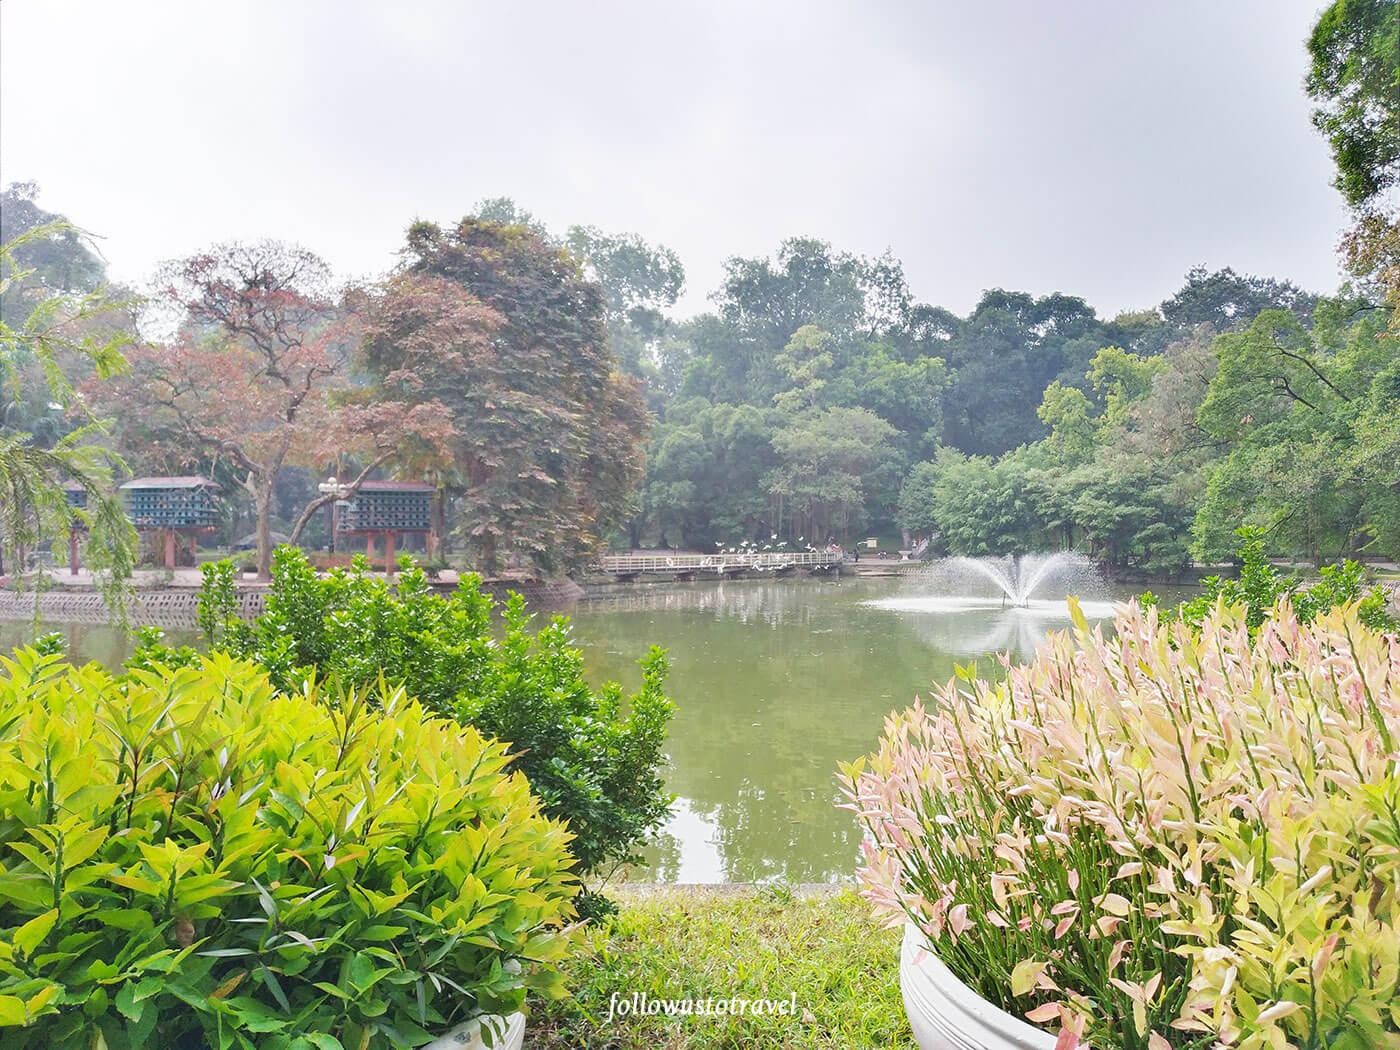 河内植物园河内景点